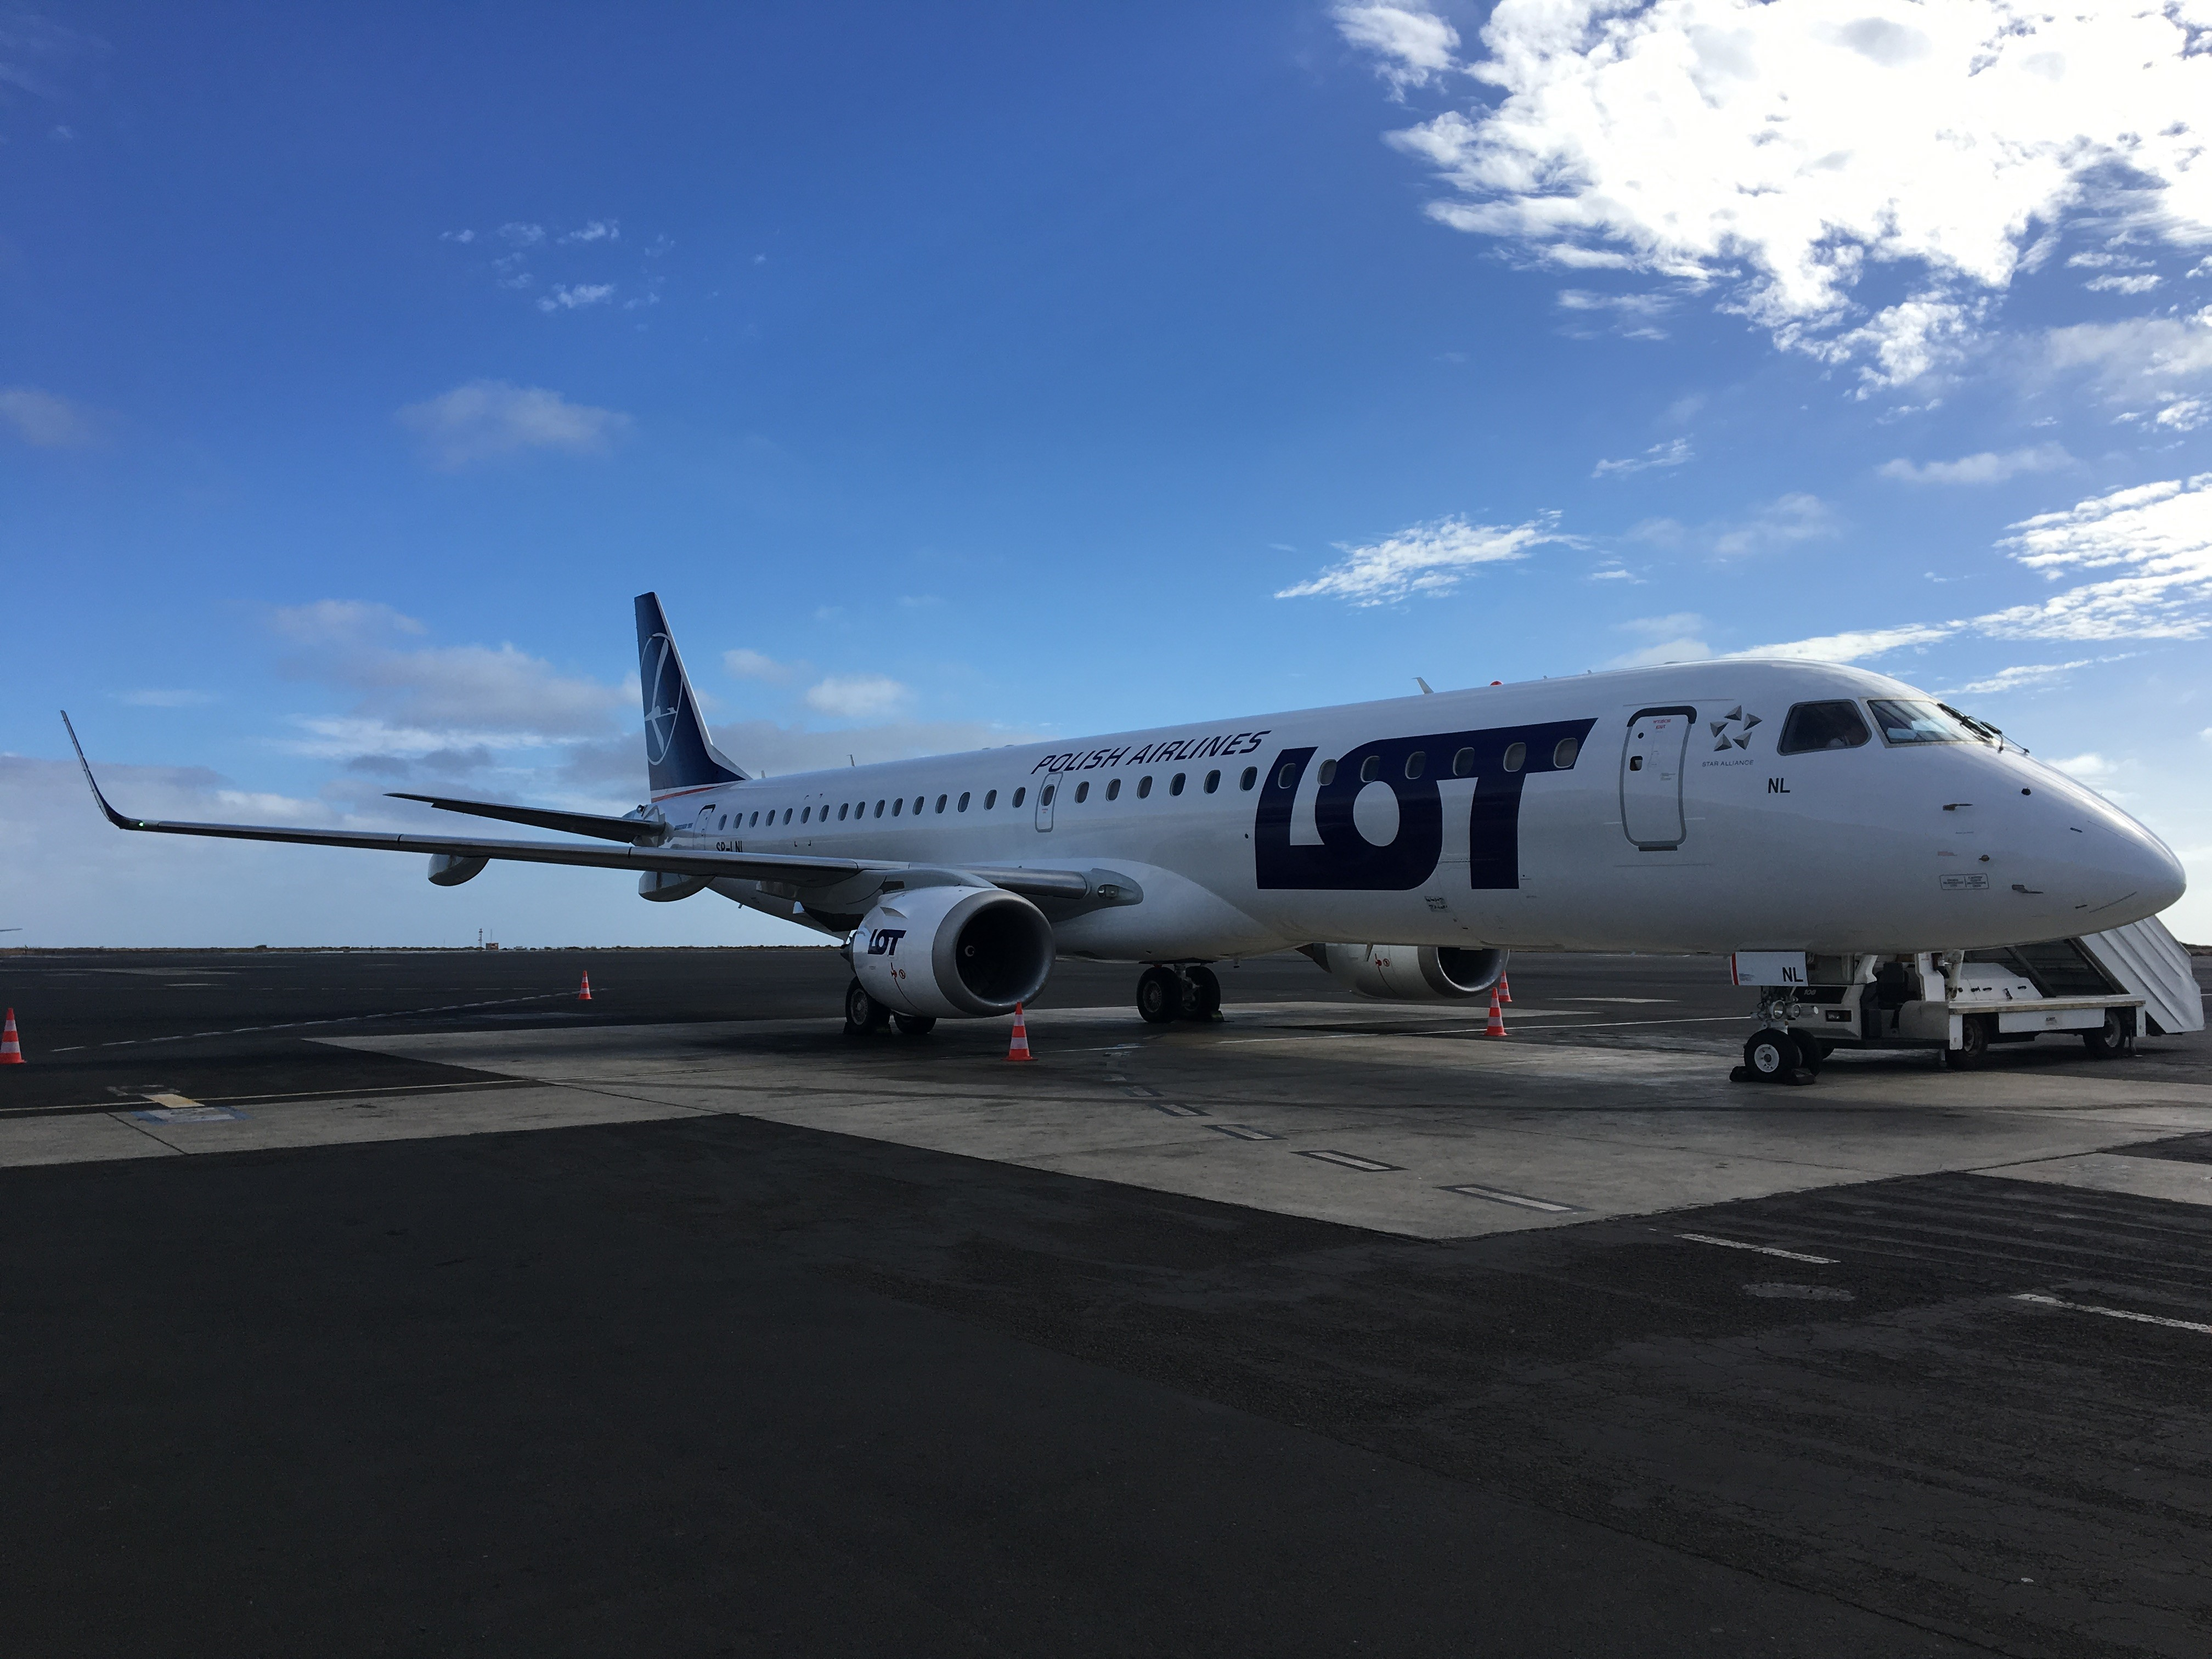 Aerolínea polaca LOT Polish operará vuelo charter a Puerto Plata